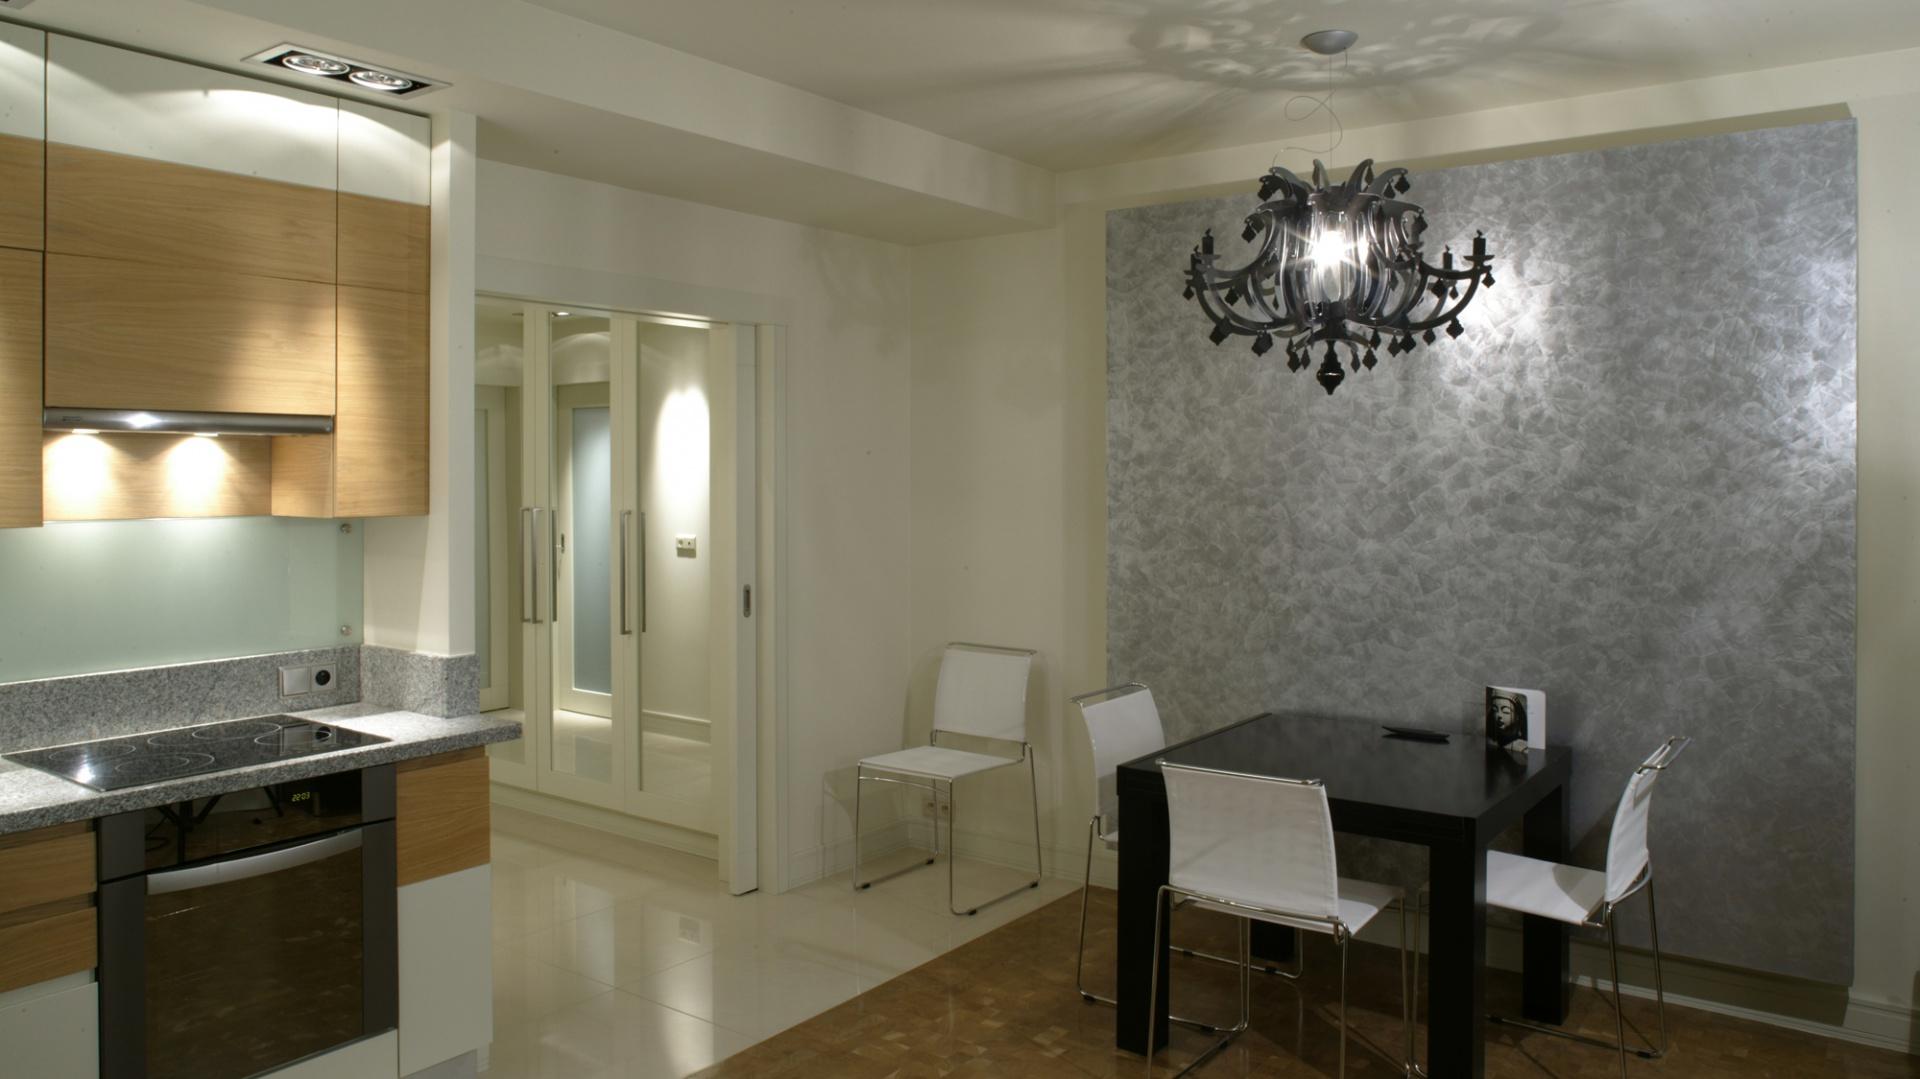 W rogu salonu, na niewielkiej komodzie (BoConcept) umieszczono telewizor. Szafki mebla kryją sprzęt audio-video. Fot. Monika Filipiuk.